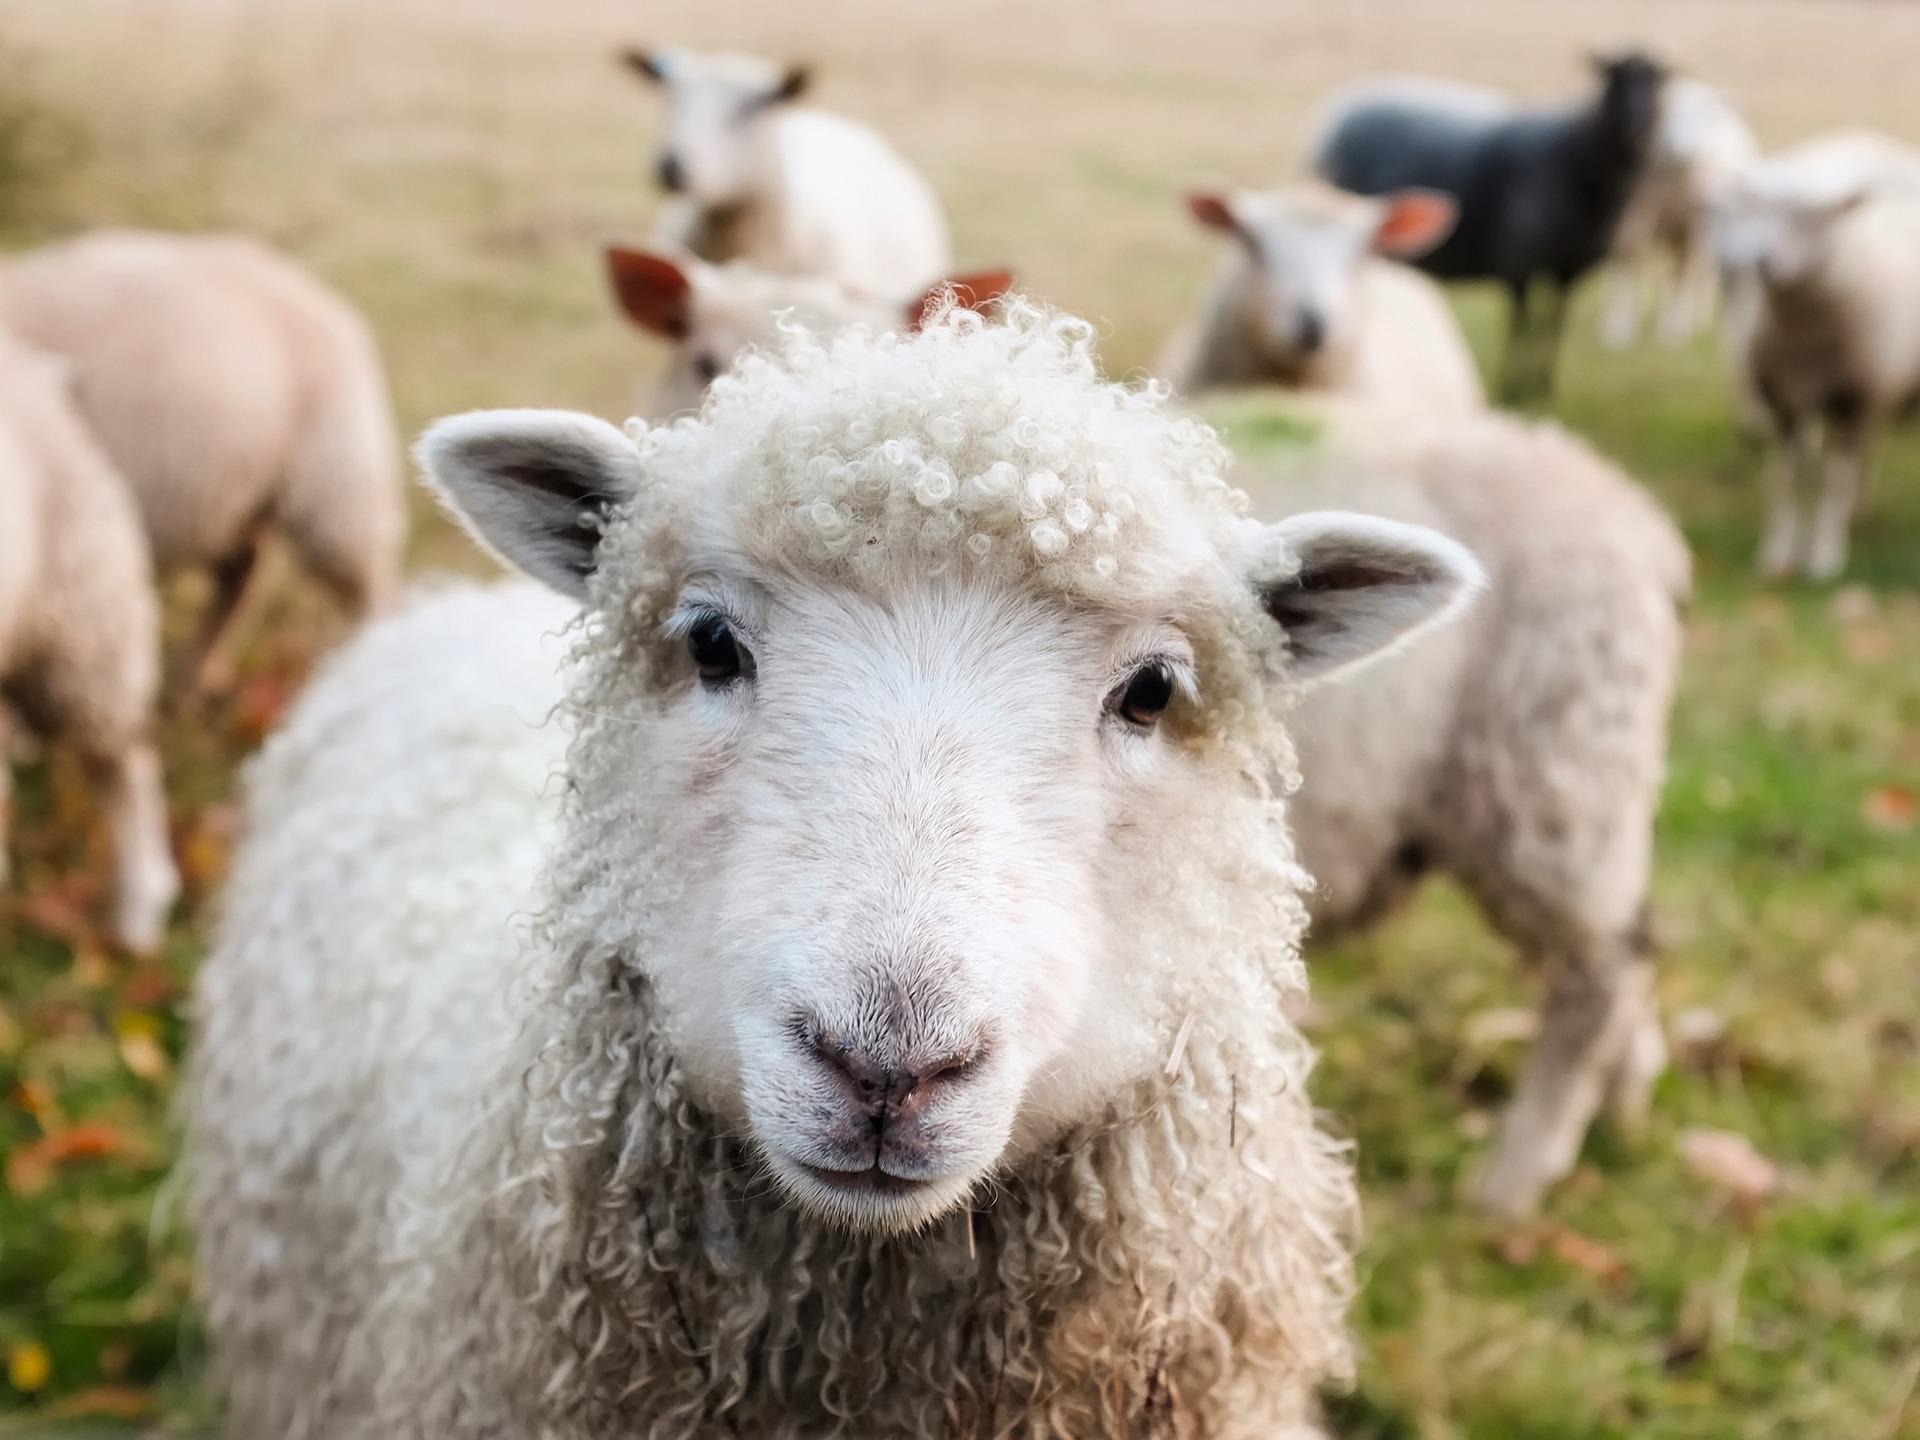 Ve dne v noci chrání farmáři na Broumovsku svá stáda ovcí před vlky (ilustrační foto)